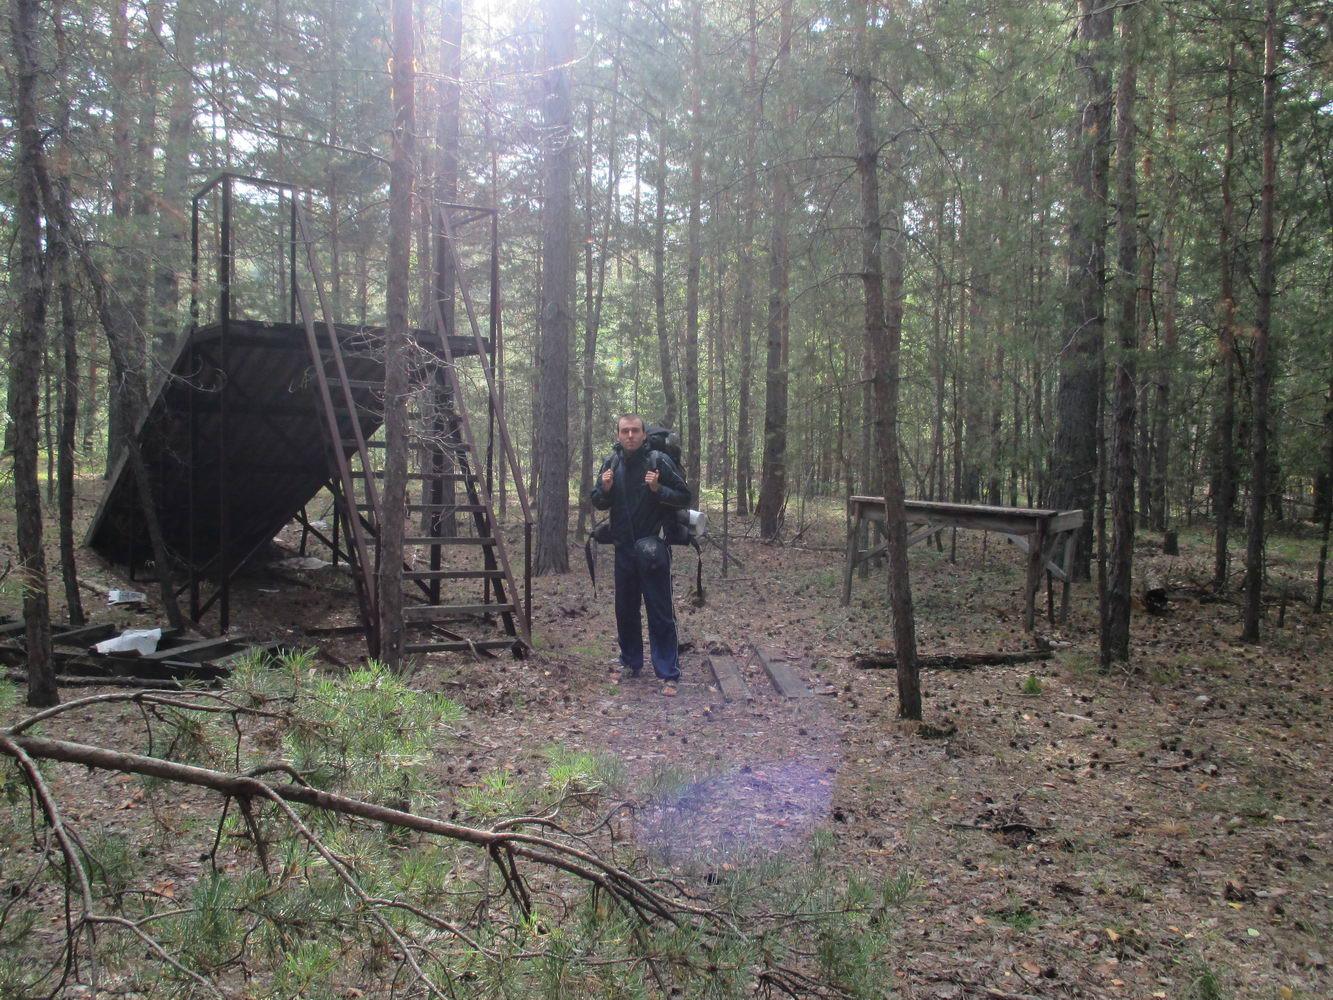 таинственный лес и старинные постройки. путешествие автостопом через урал и сибирь, природа